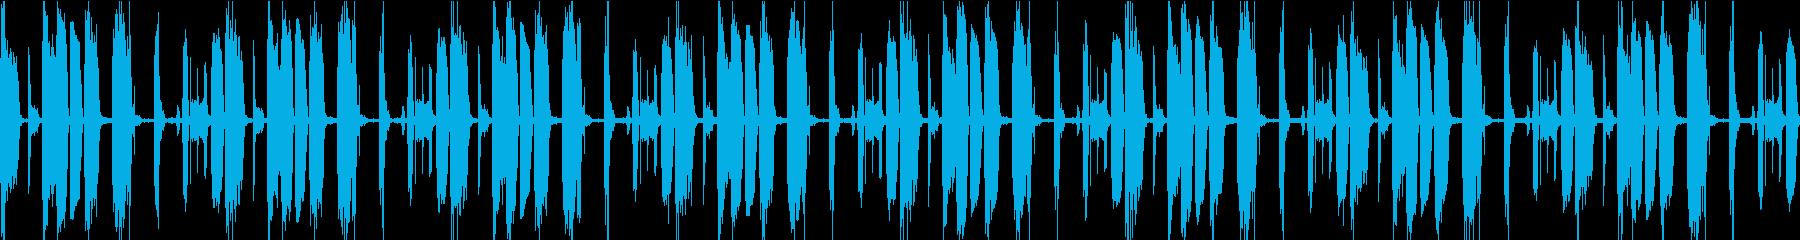 声、アルペジオ、リズム、ループ素材の再生済みの波形